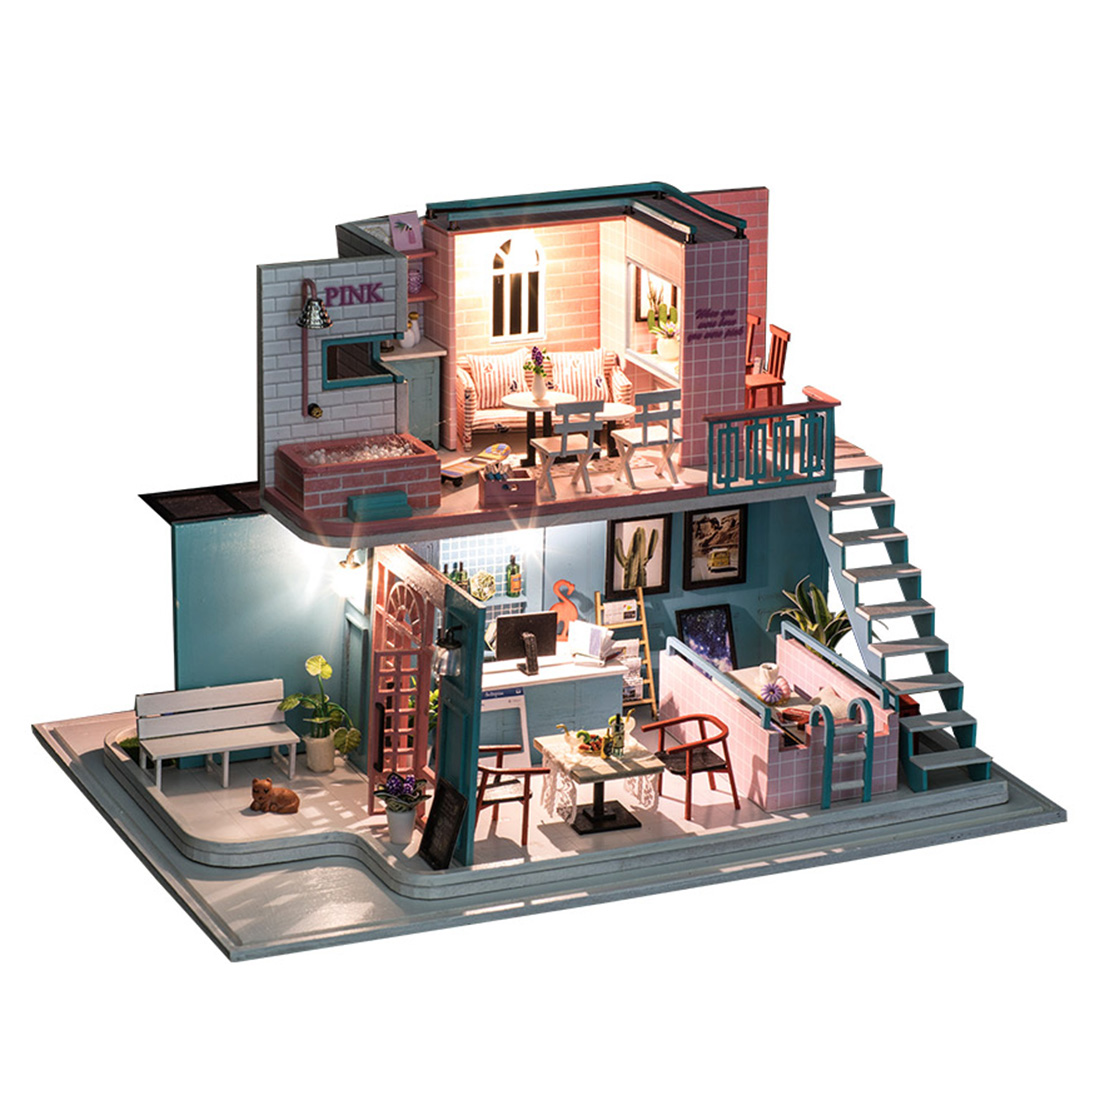 Bricolage créatif à la main thème en bois cabine assemblage bâtiment modèle ensemble de jouets-café rose